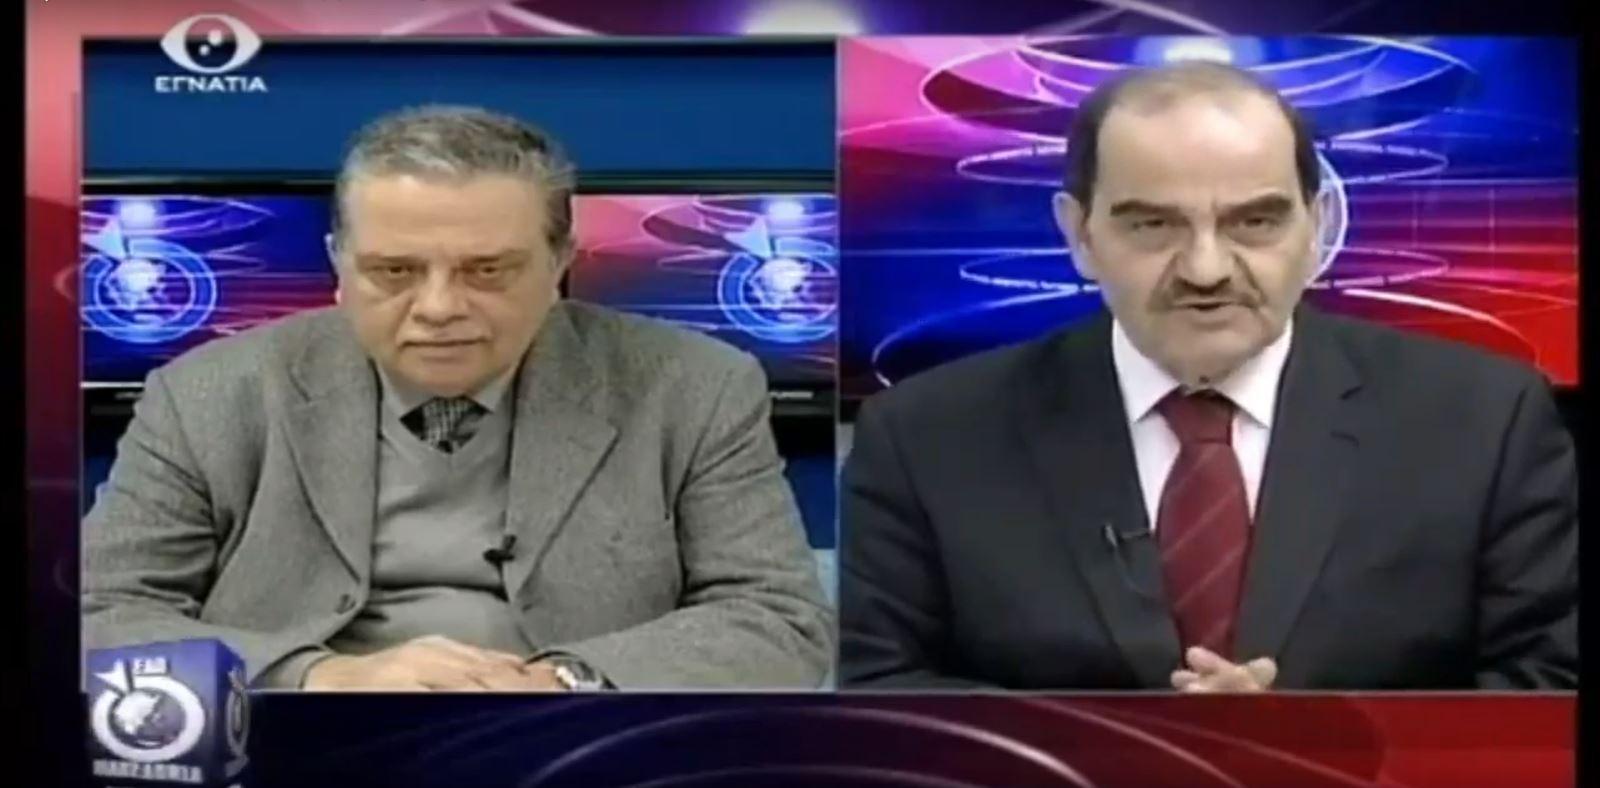 21-2-2019 Συνέντευξη στο EgnatiaTV στην εκπομπή Εδώ Μακεδονία με τον Αντώνη Οραήλογλου